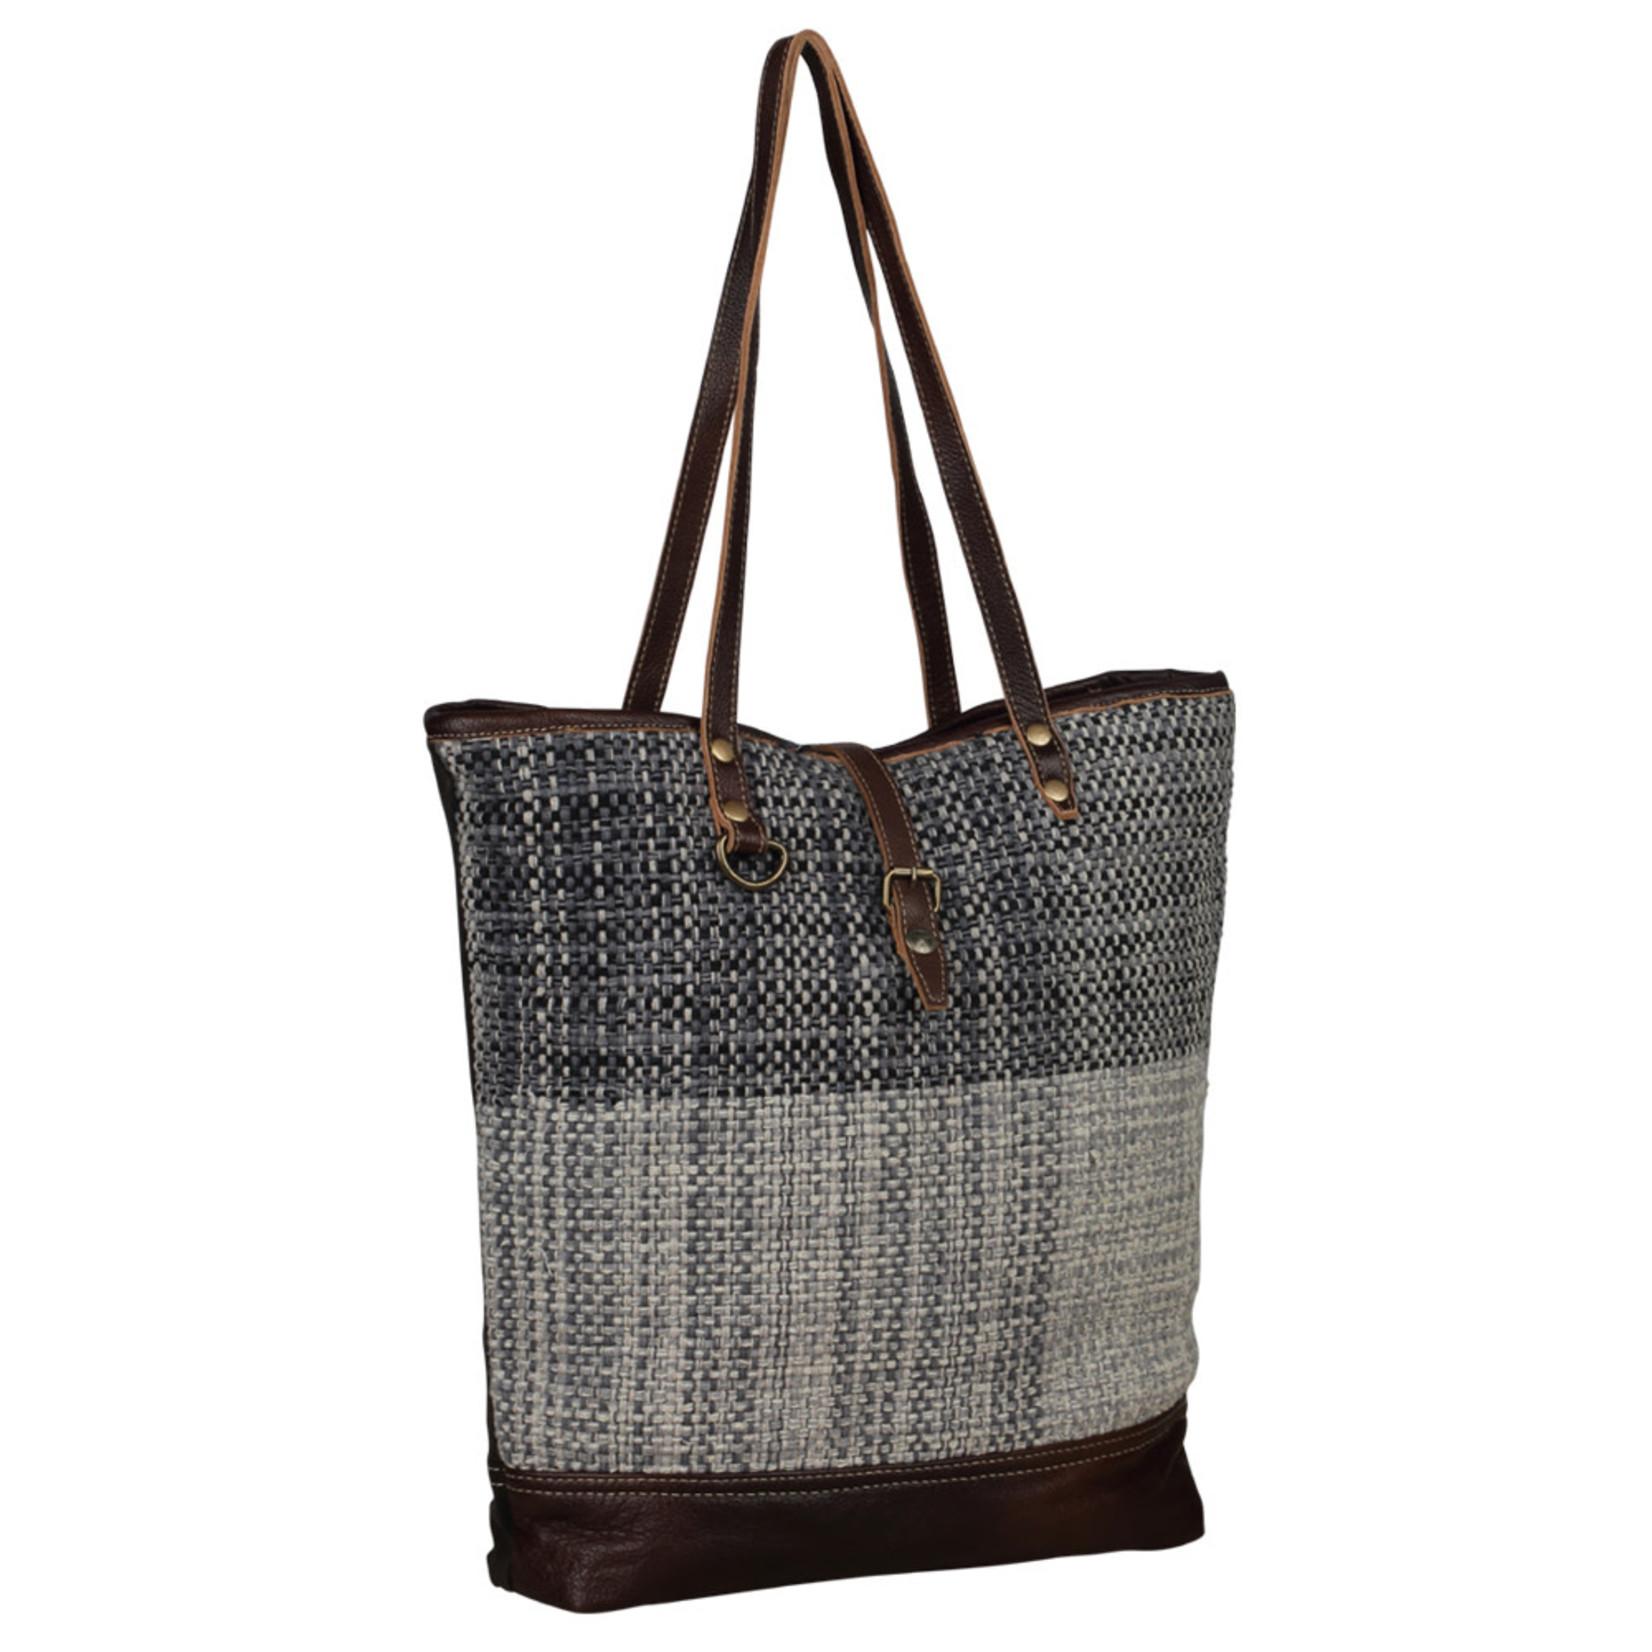 Myra Bags S-2086 Autumn Sky Tote Bag